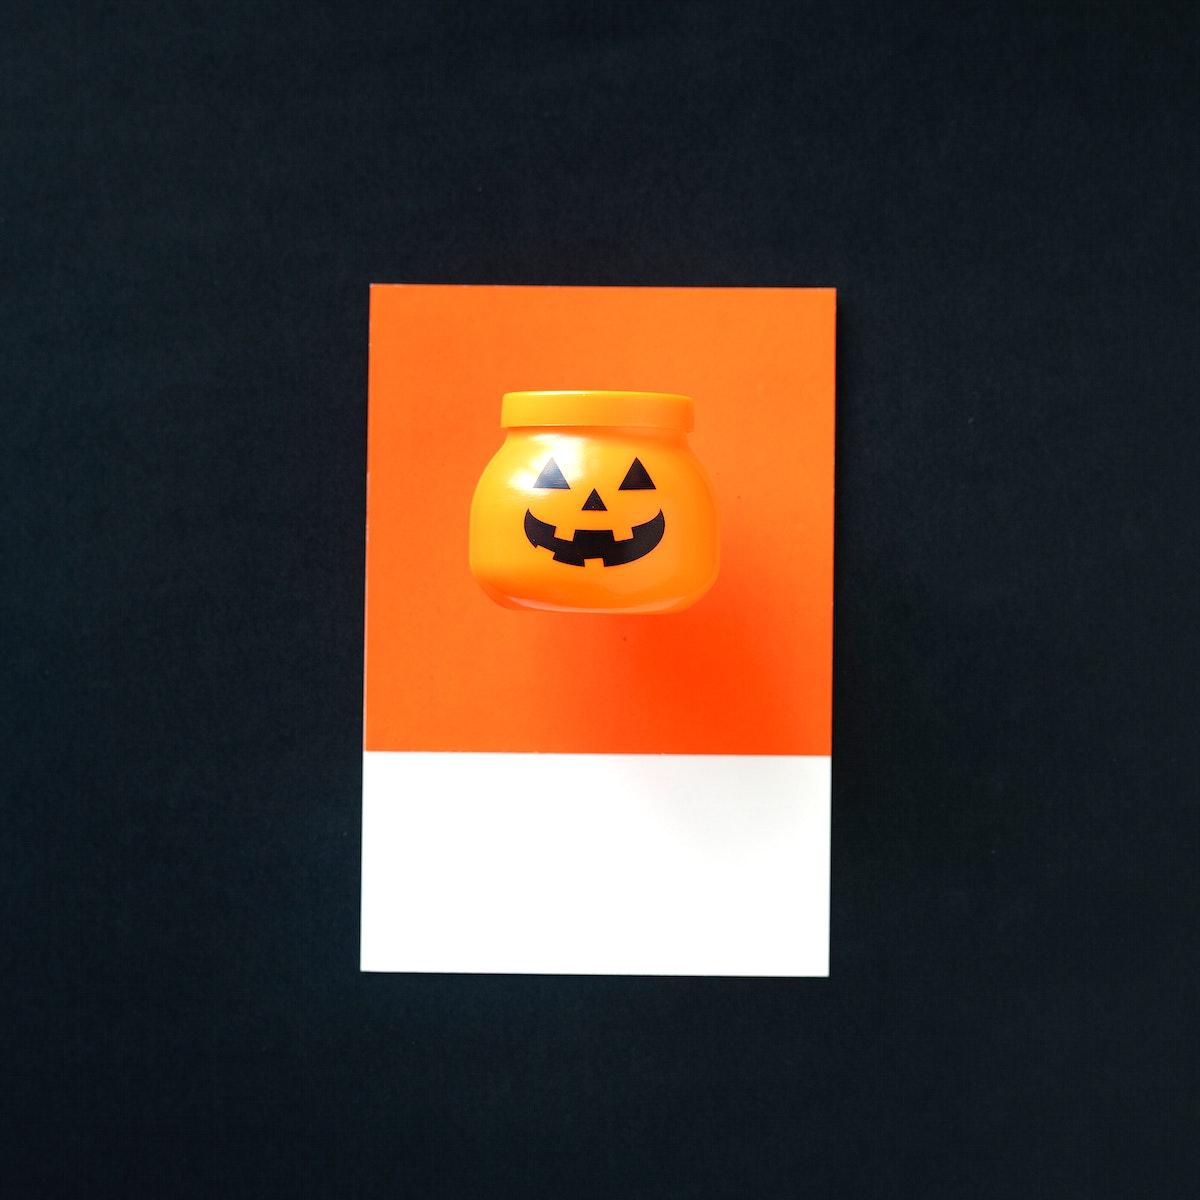 A jar with a pumpkin face